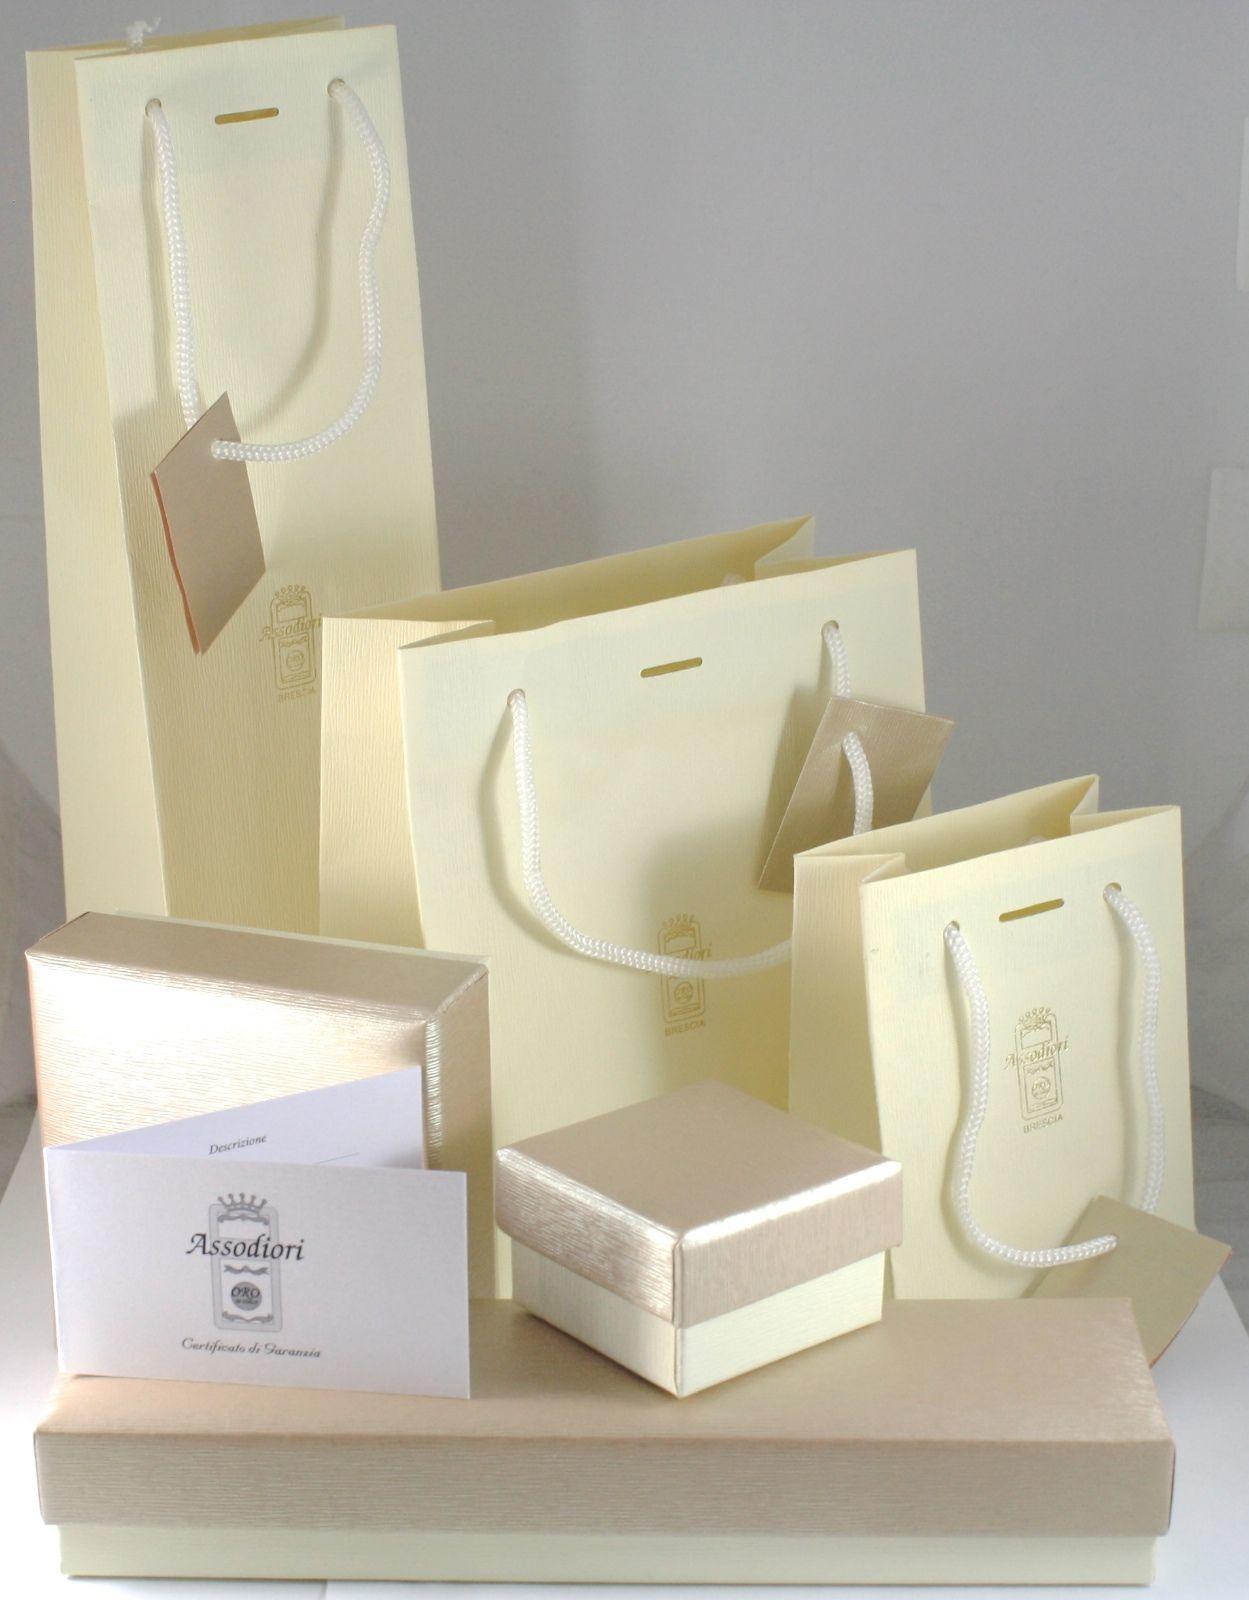 BRACELET WHITE GOLD 750 18K PEARLS PURPLE LAVENDER DIAMETER 9-10 MM CHAIN